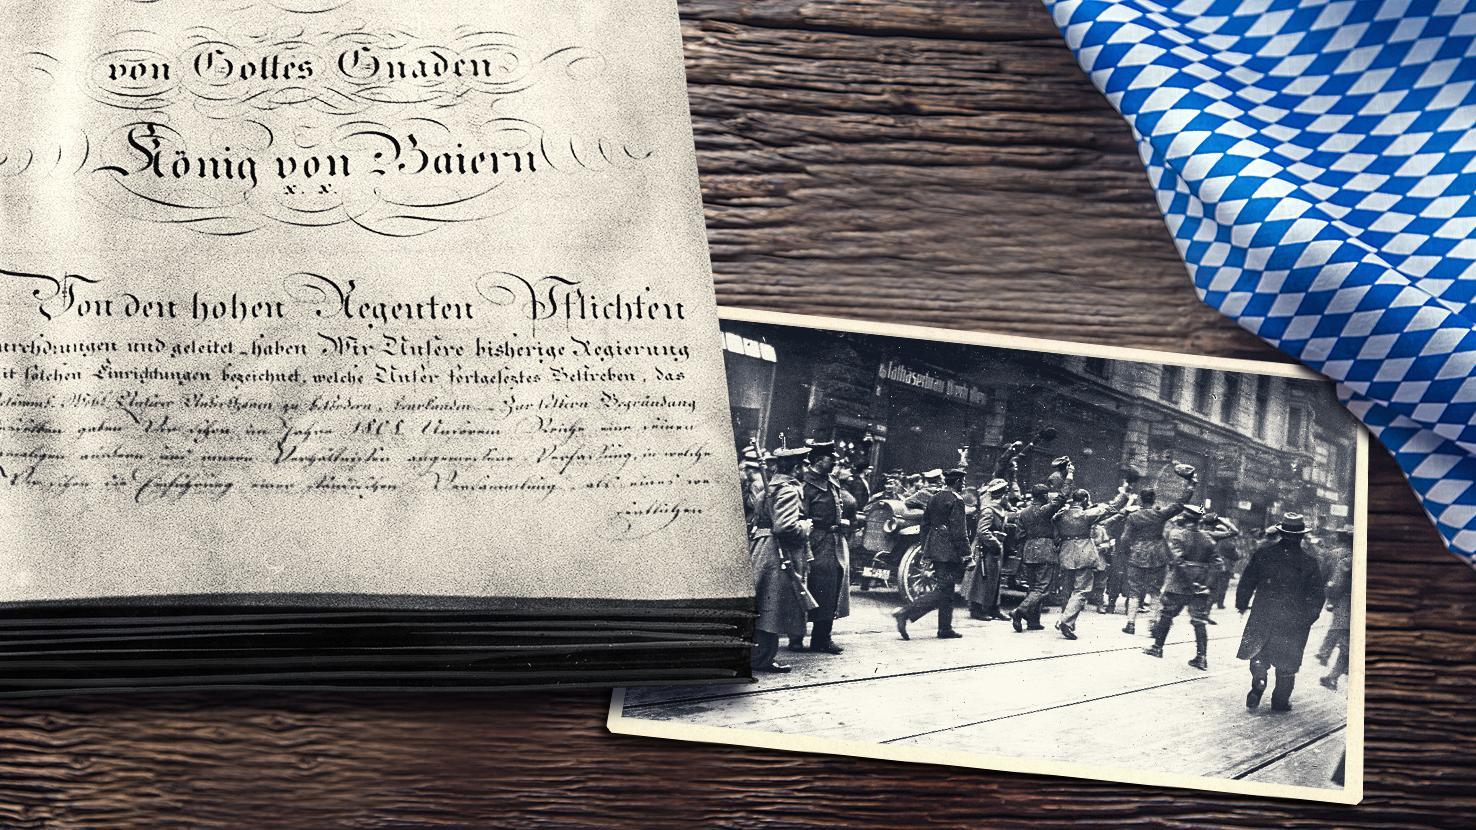 Montage: Verfassung von 1818, Münchner Revolutionäre von 1918